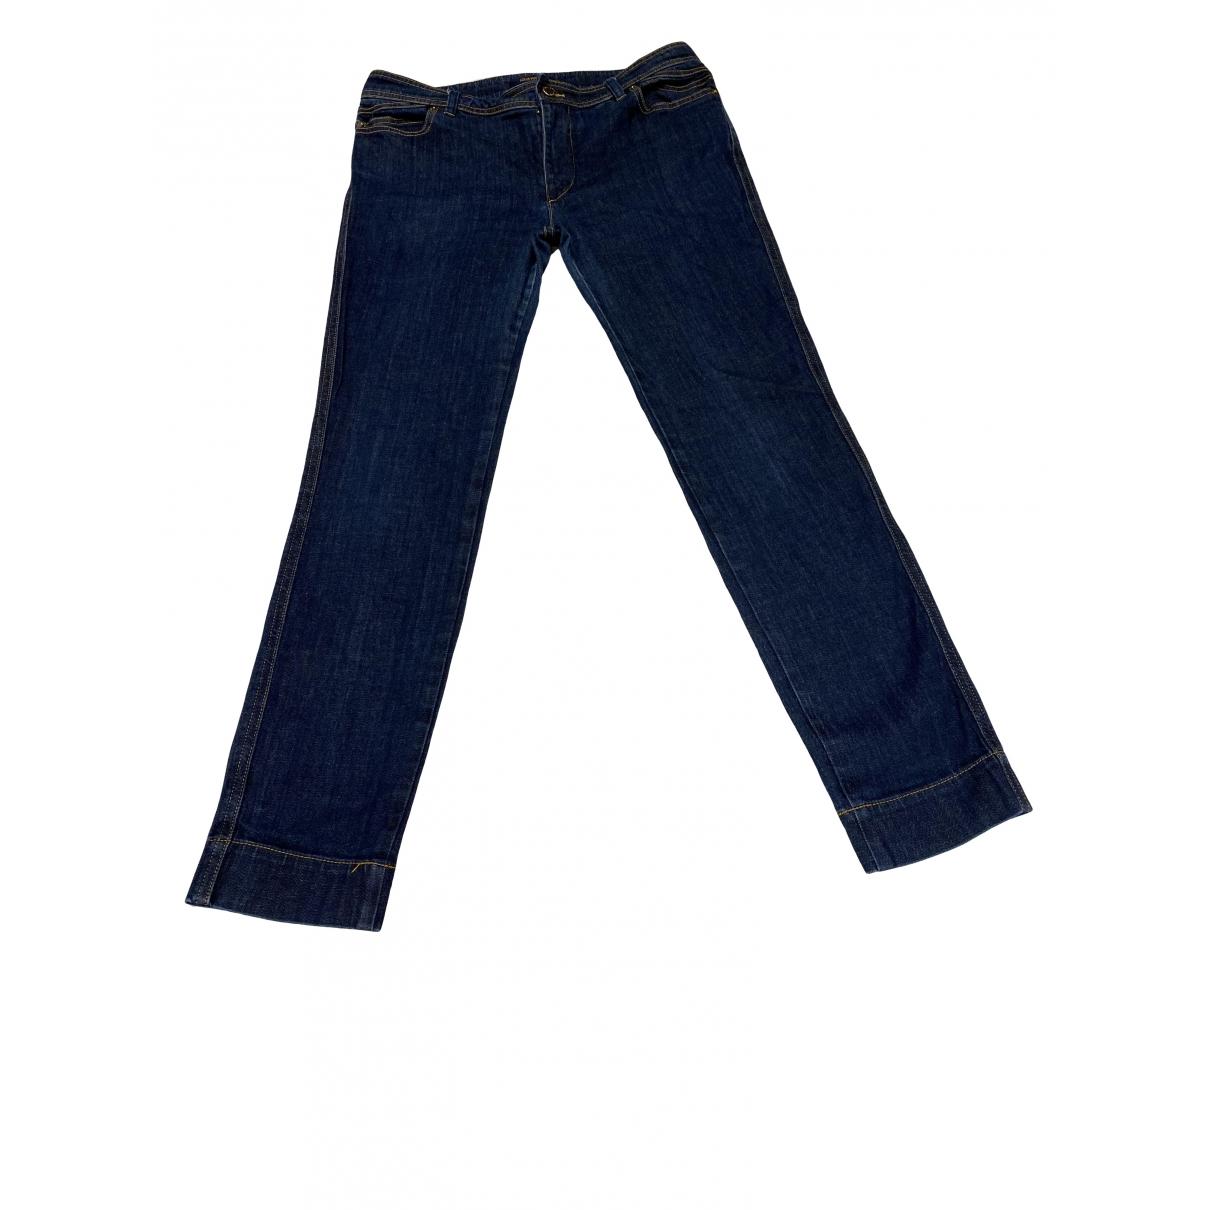 Louis Vuitton \N Blue Denim - Jeans Jeans for Women 40 FR